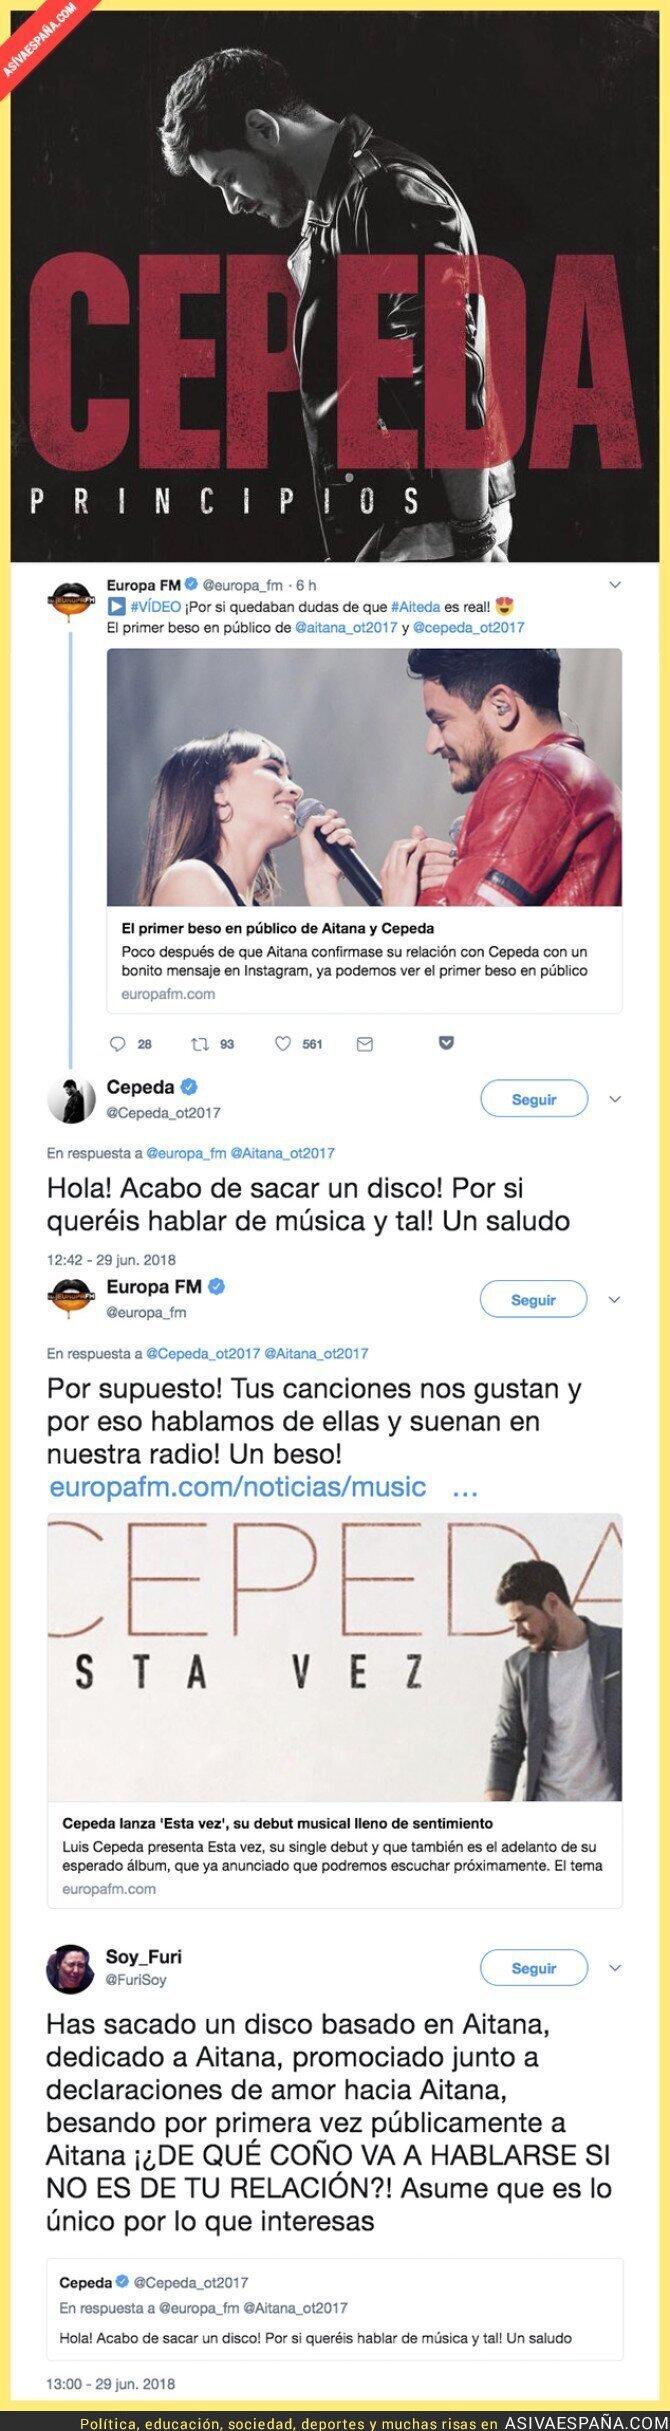 89013 - Luis Cepeda le da un tirón de orejas a Europa FM por publicar esta noticia sobre Aitana